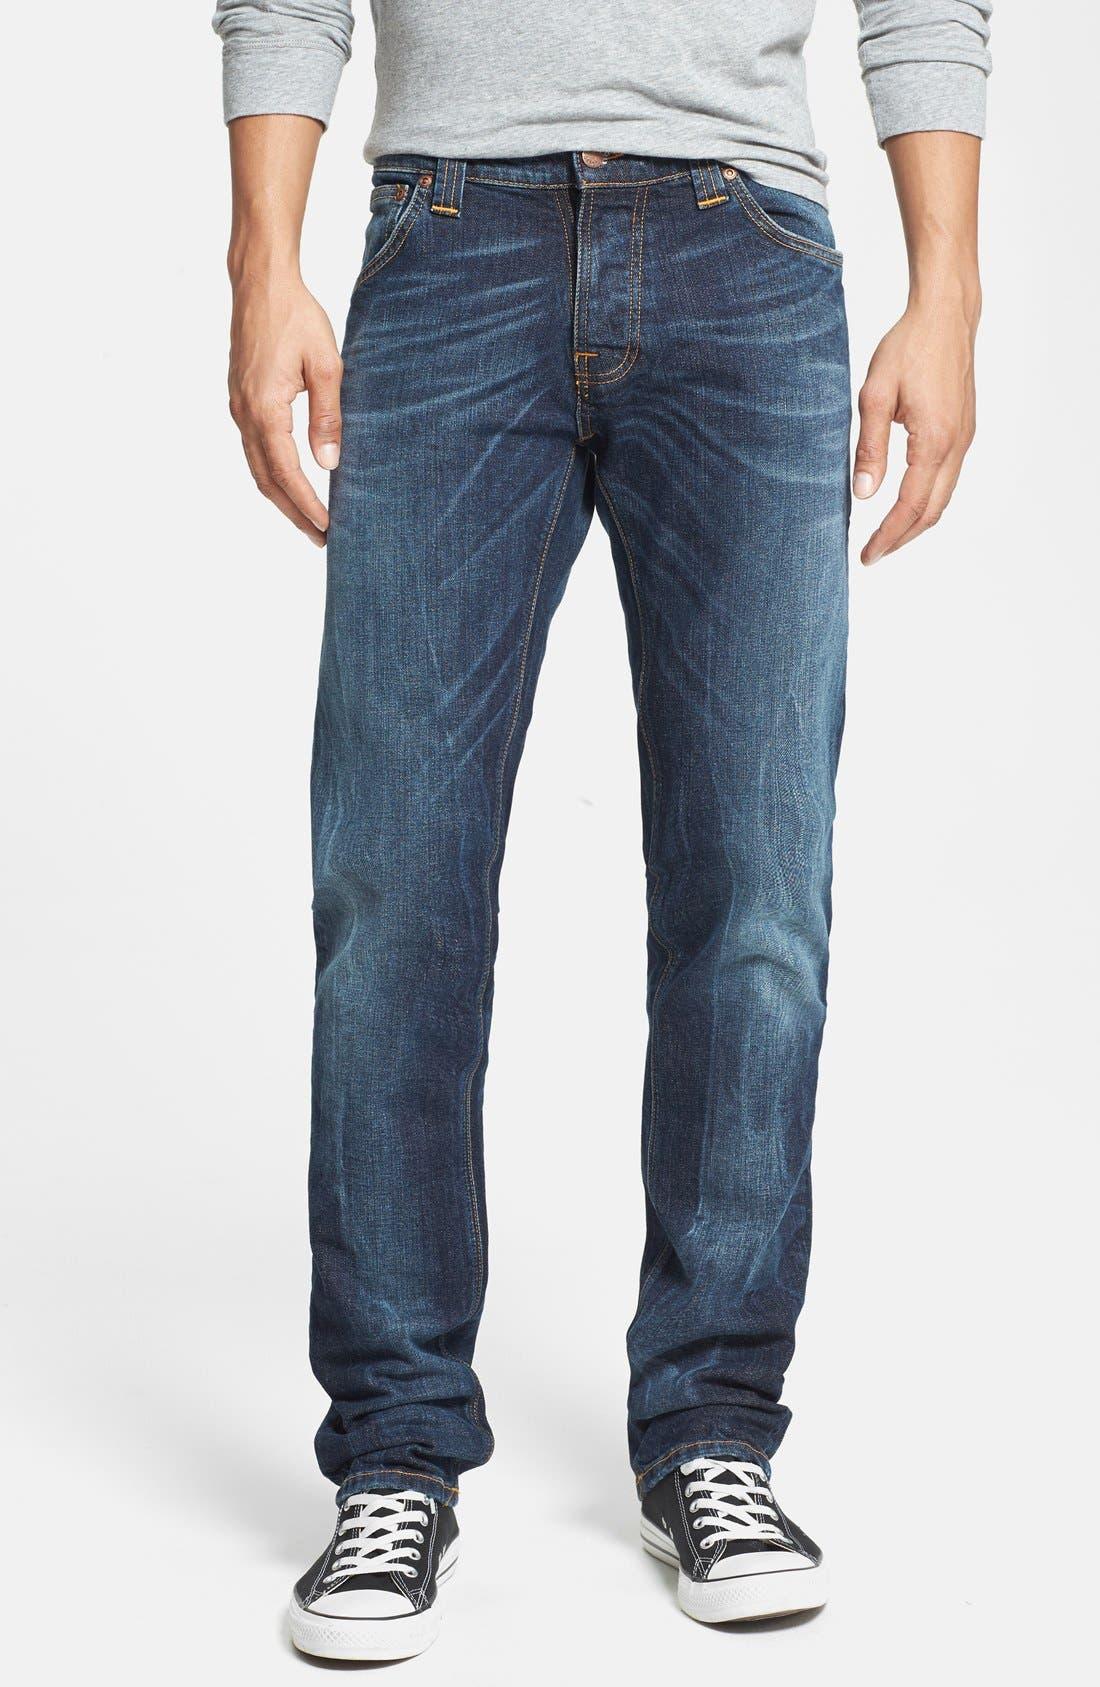 Alternate Image 1 Selected - Nudie Jeans 'Grim Tim' Skinny Fit Jeans (Organic Clean Dark Blue)